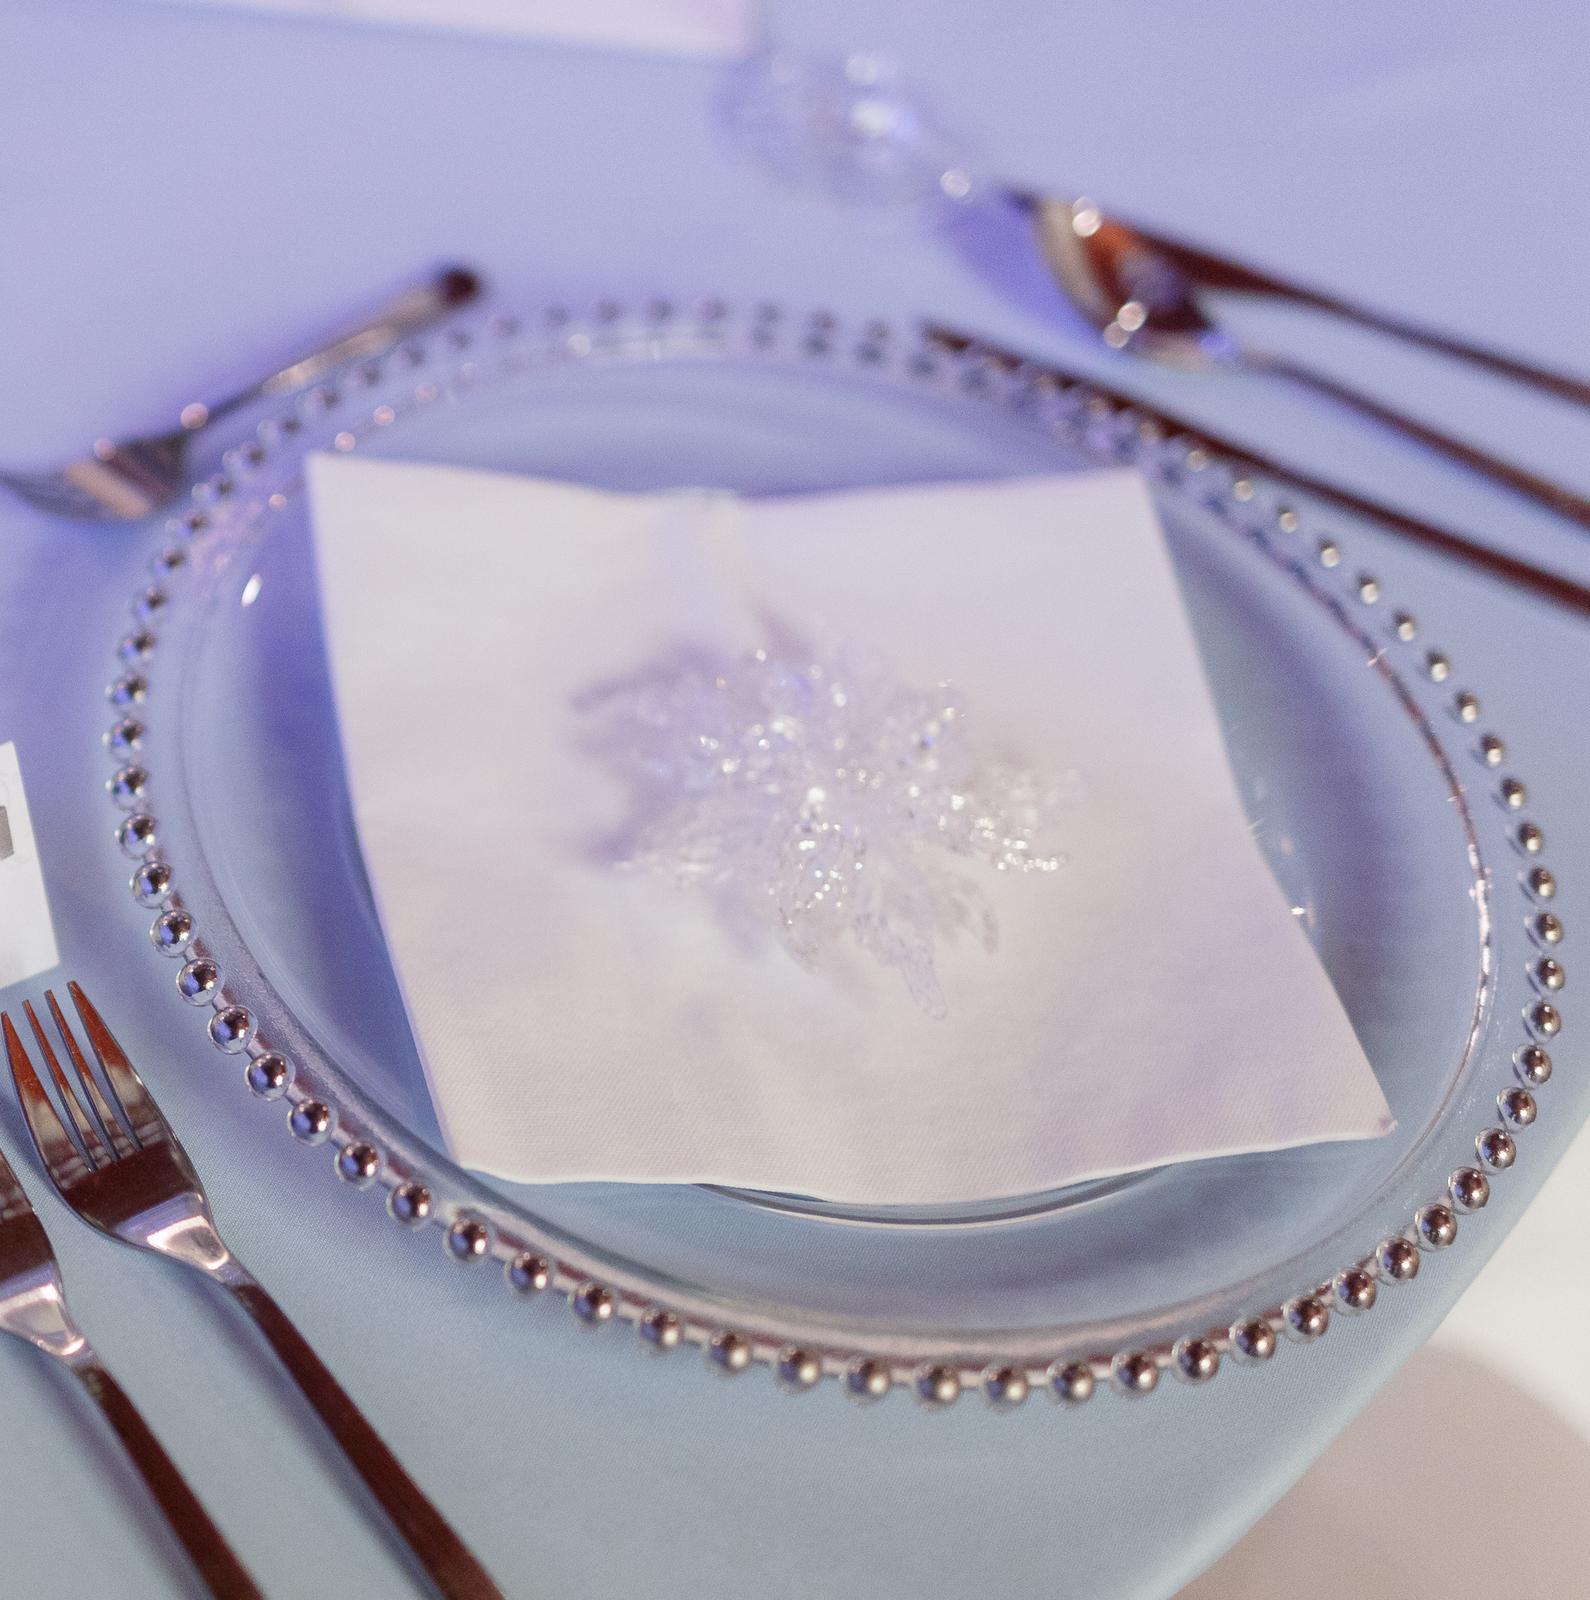 klubové taniere so striebornými perličkami - Obrázok č. 1